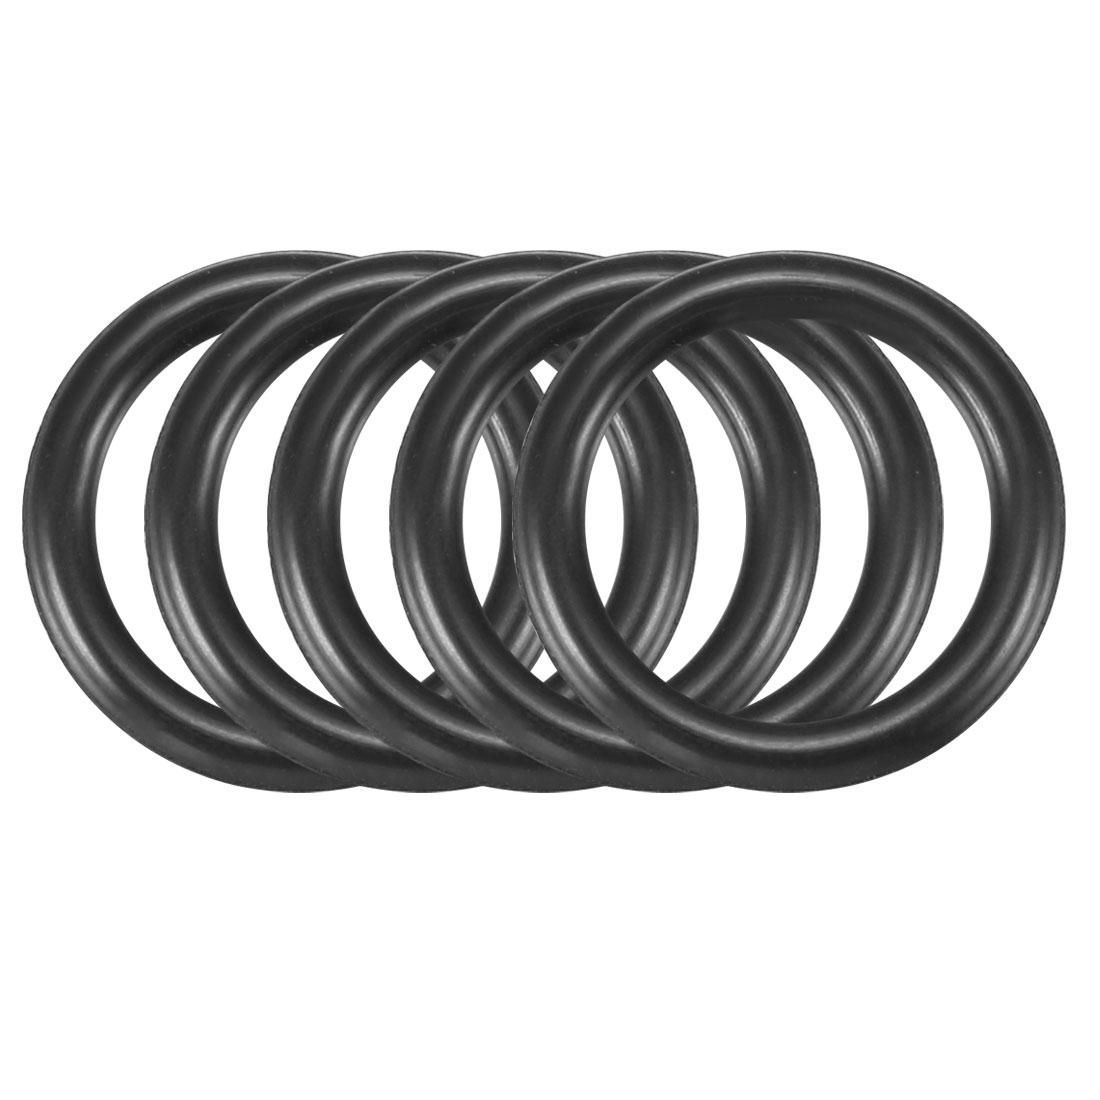 30pcs Black Nitrile Butadiene Rubber NBR O-Ring 13.2mm Inner Dia 2.4mm Width